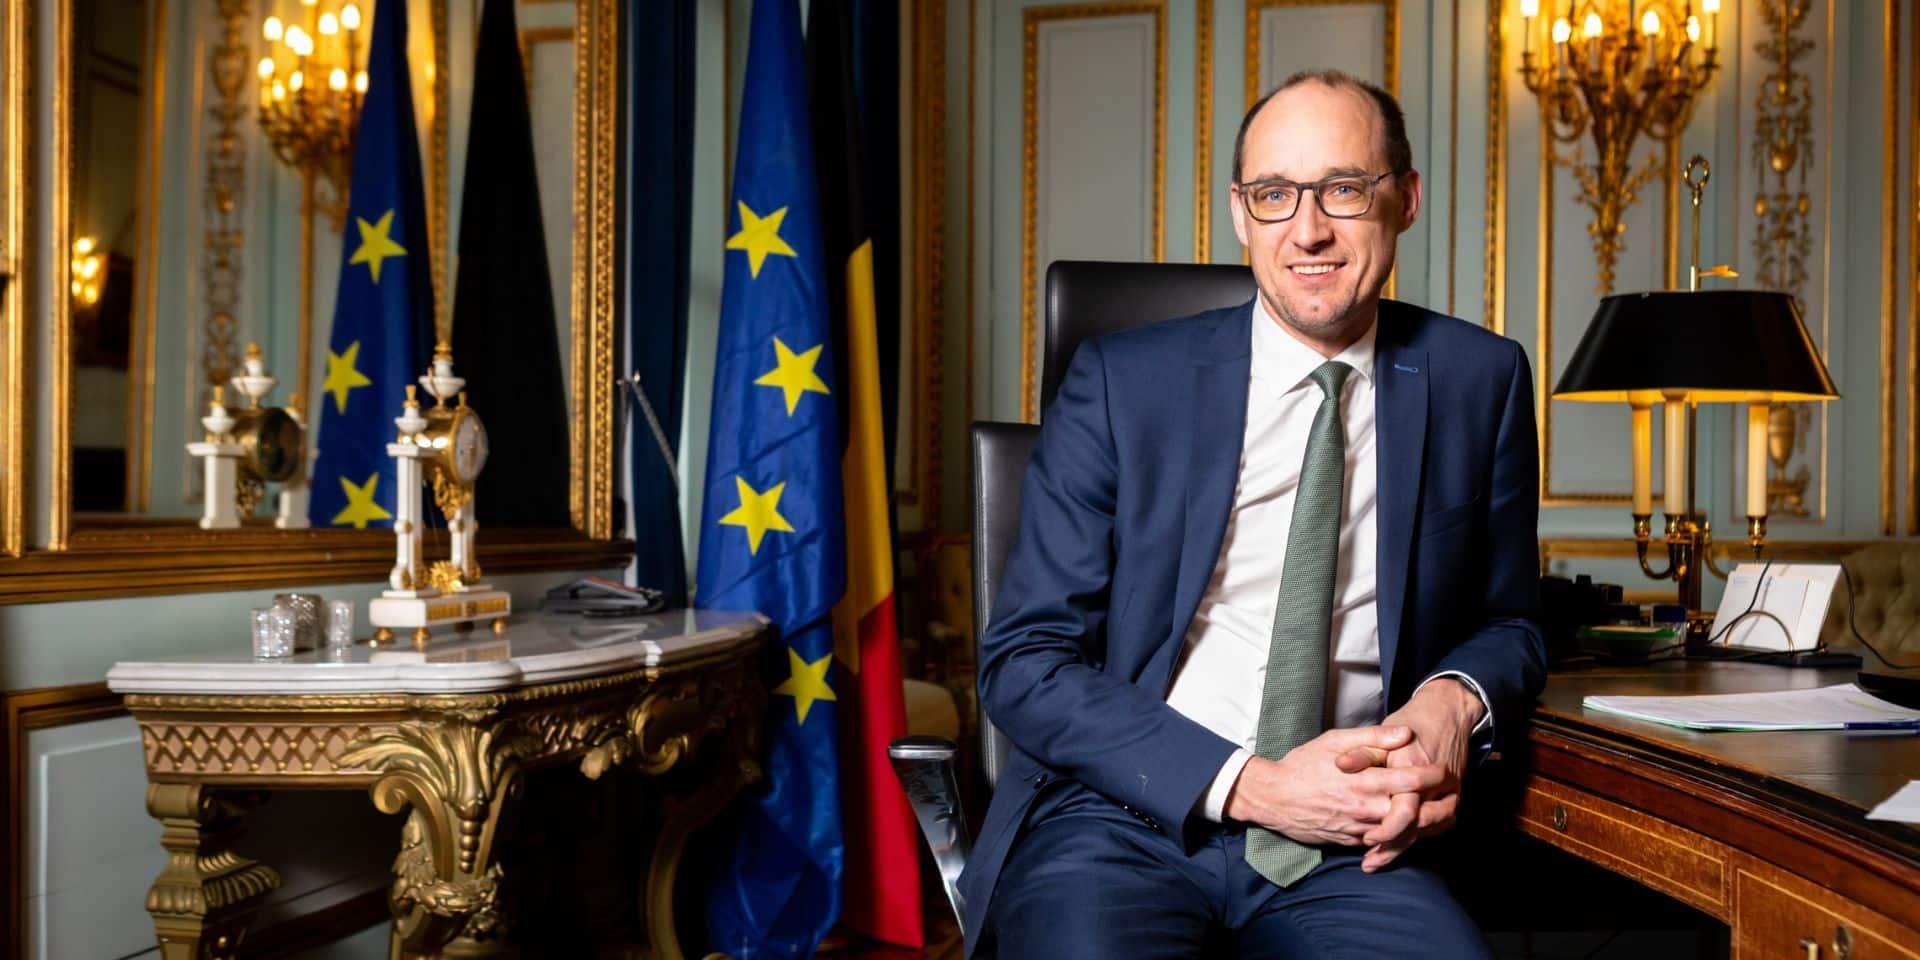 """Le GEMS n'est pas """"seulement la voix de Marc Van Ranst"""", critique Vincent Van Peteghem"""